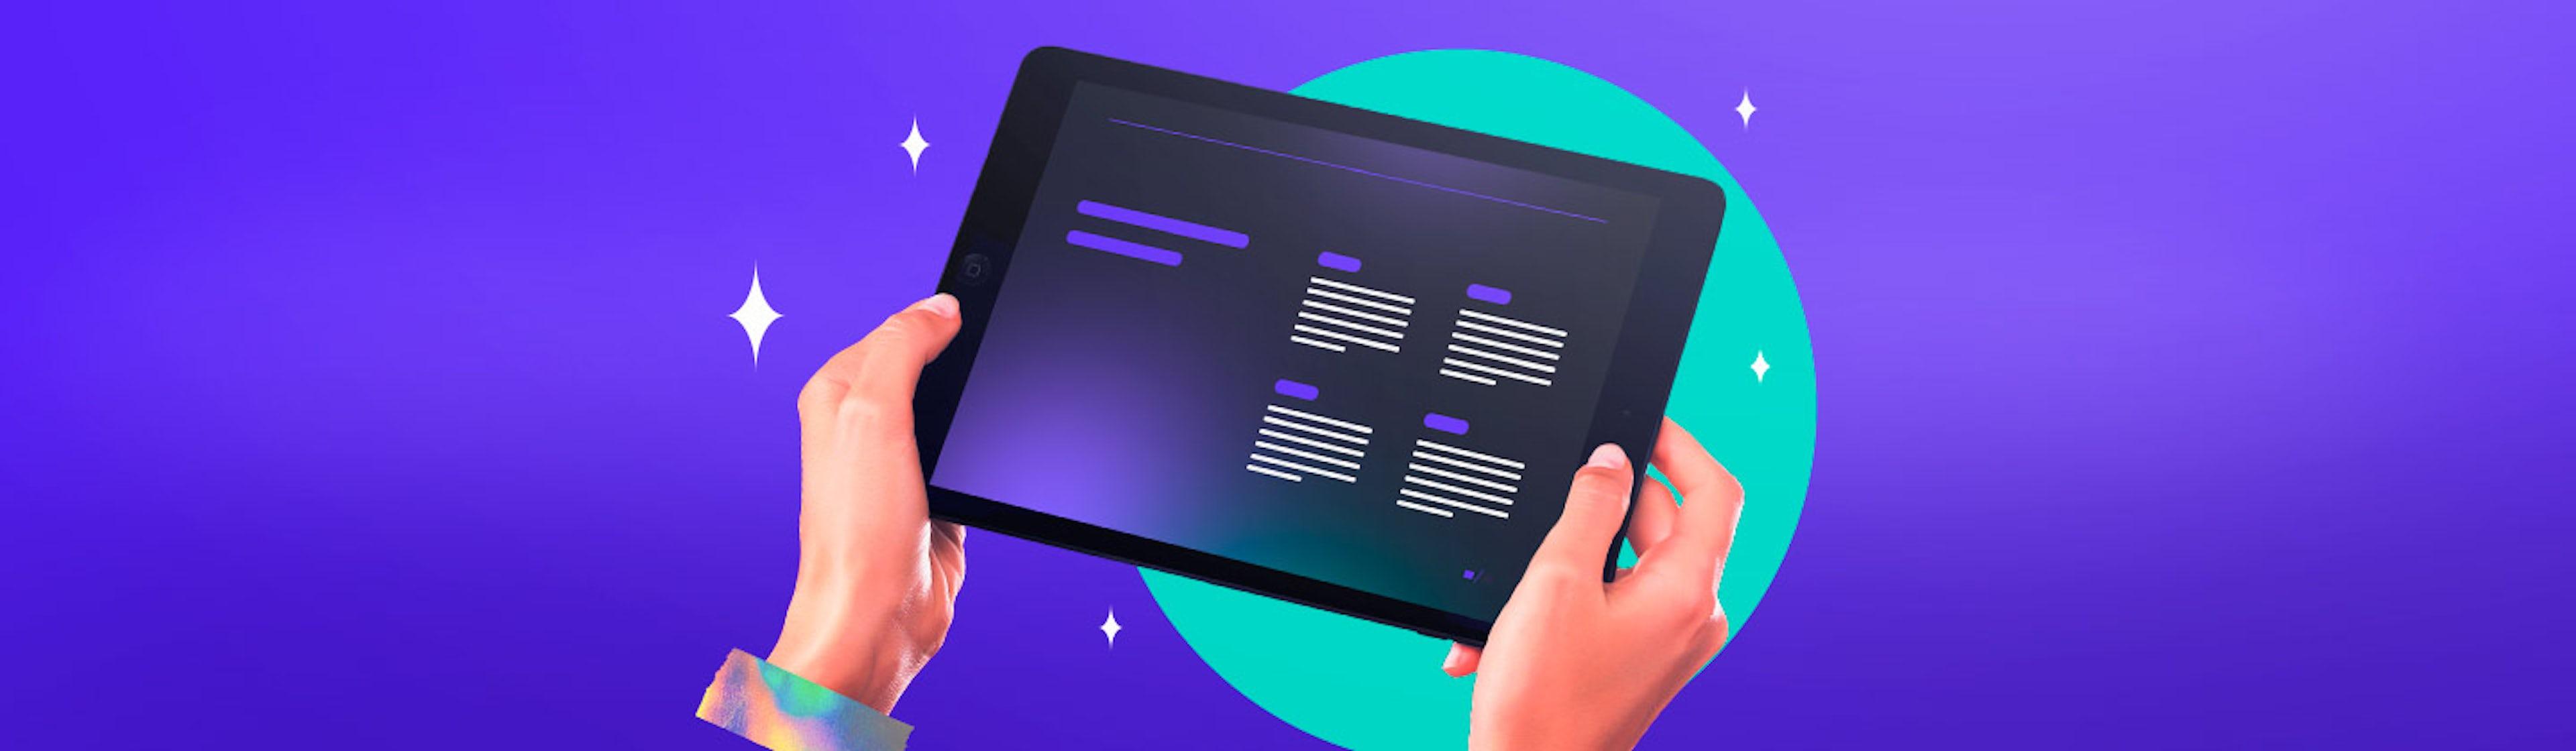 ¿Tablet para leer o ebook? 10 opciones para los amantes de libros